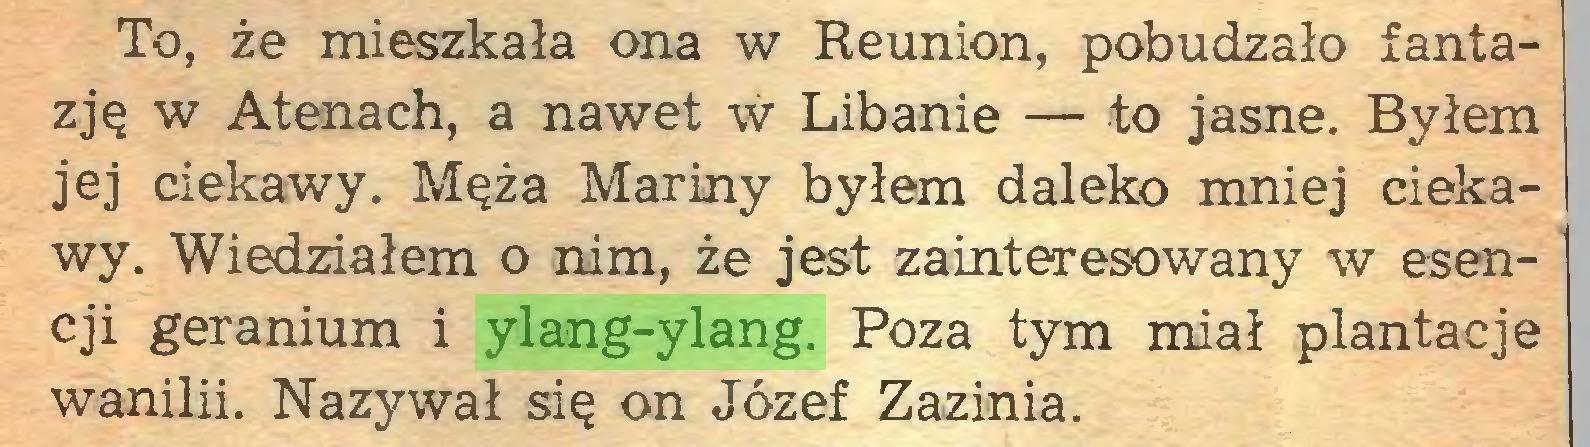 (...) To, że mieszkała ona w Reunion, pobudzało fantazję w Atenach, a nawet w Libanie — to jasne. Byłem jej ciekawy. Męża Mariny byłem daleko mniej ciekawy. Wiedziałem o nim, że jest zainteresowany w esencji geranium i ylang-ylang. Poza tym miał plantacje wanilii. Nazywał się on Józef Zazinia...